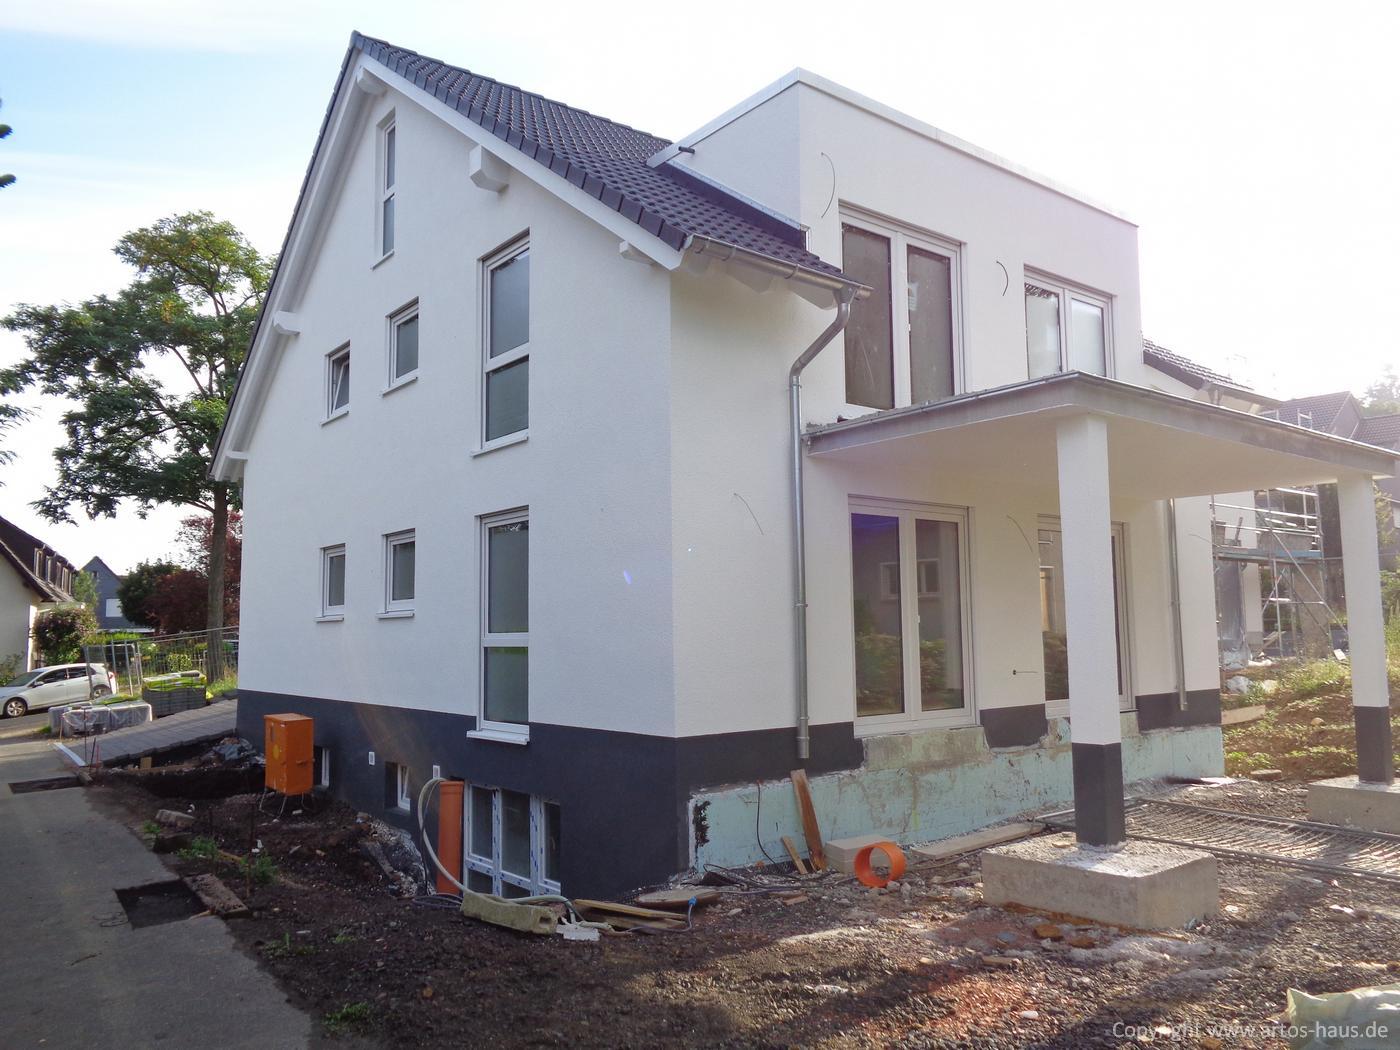 Zweifamilienhaus Bauvorhaben ARTOS HAUS Aussenansicht Bild 2